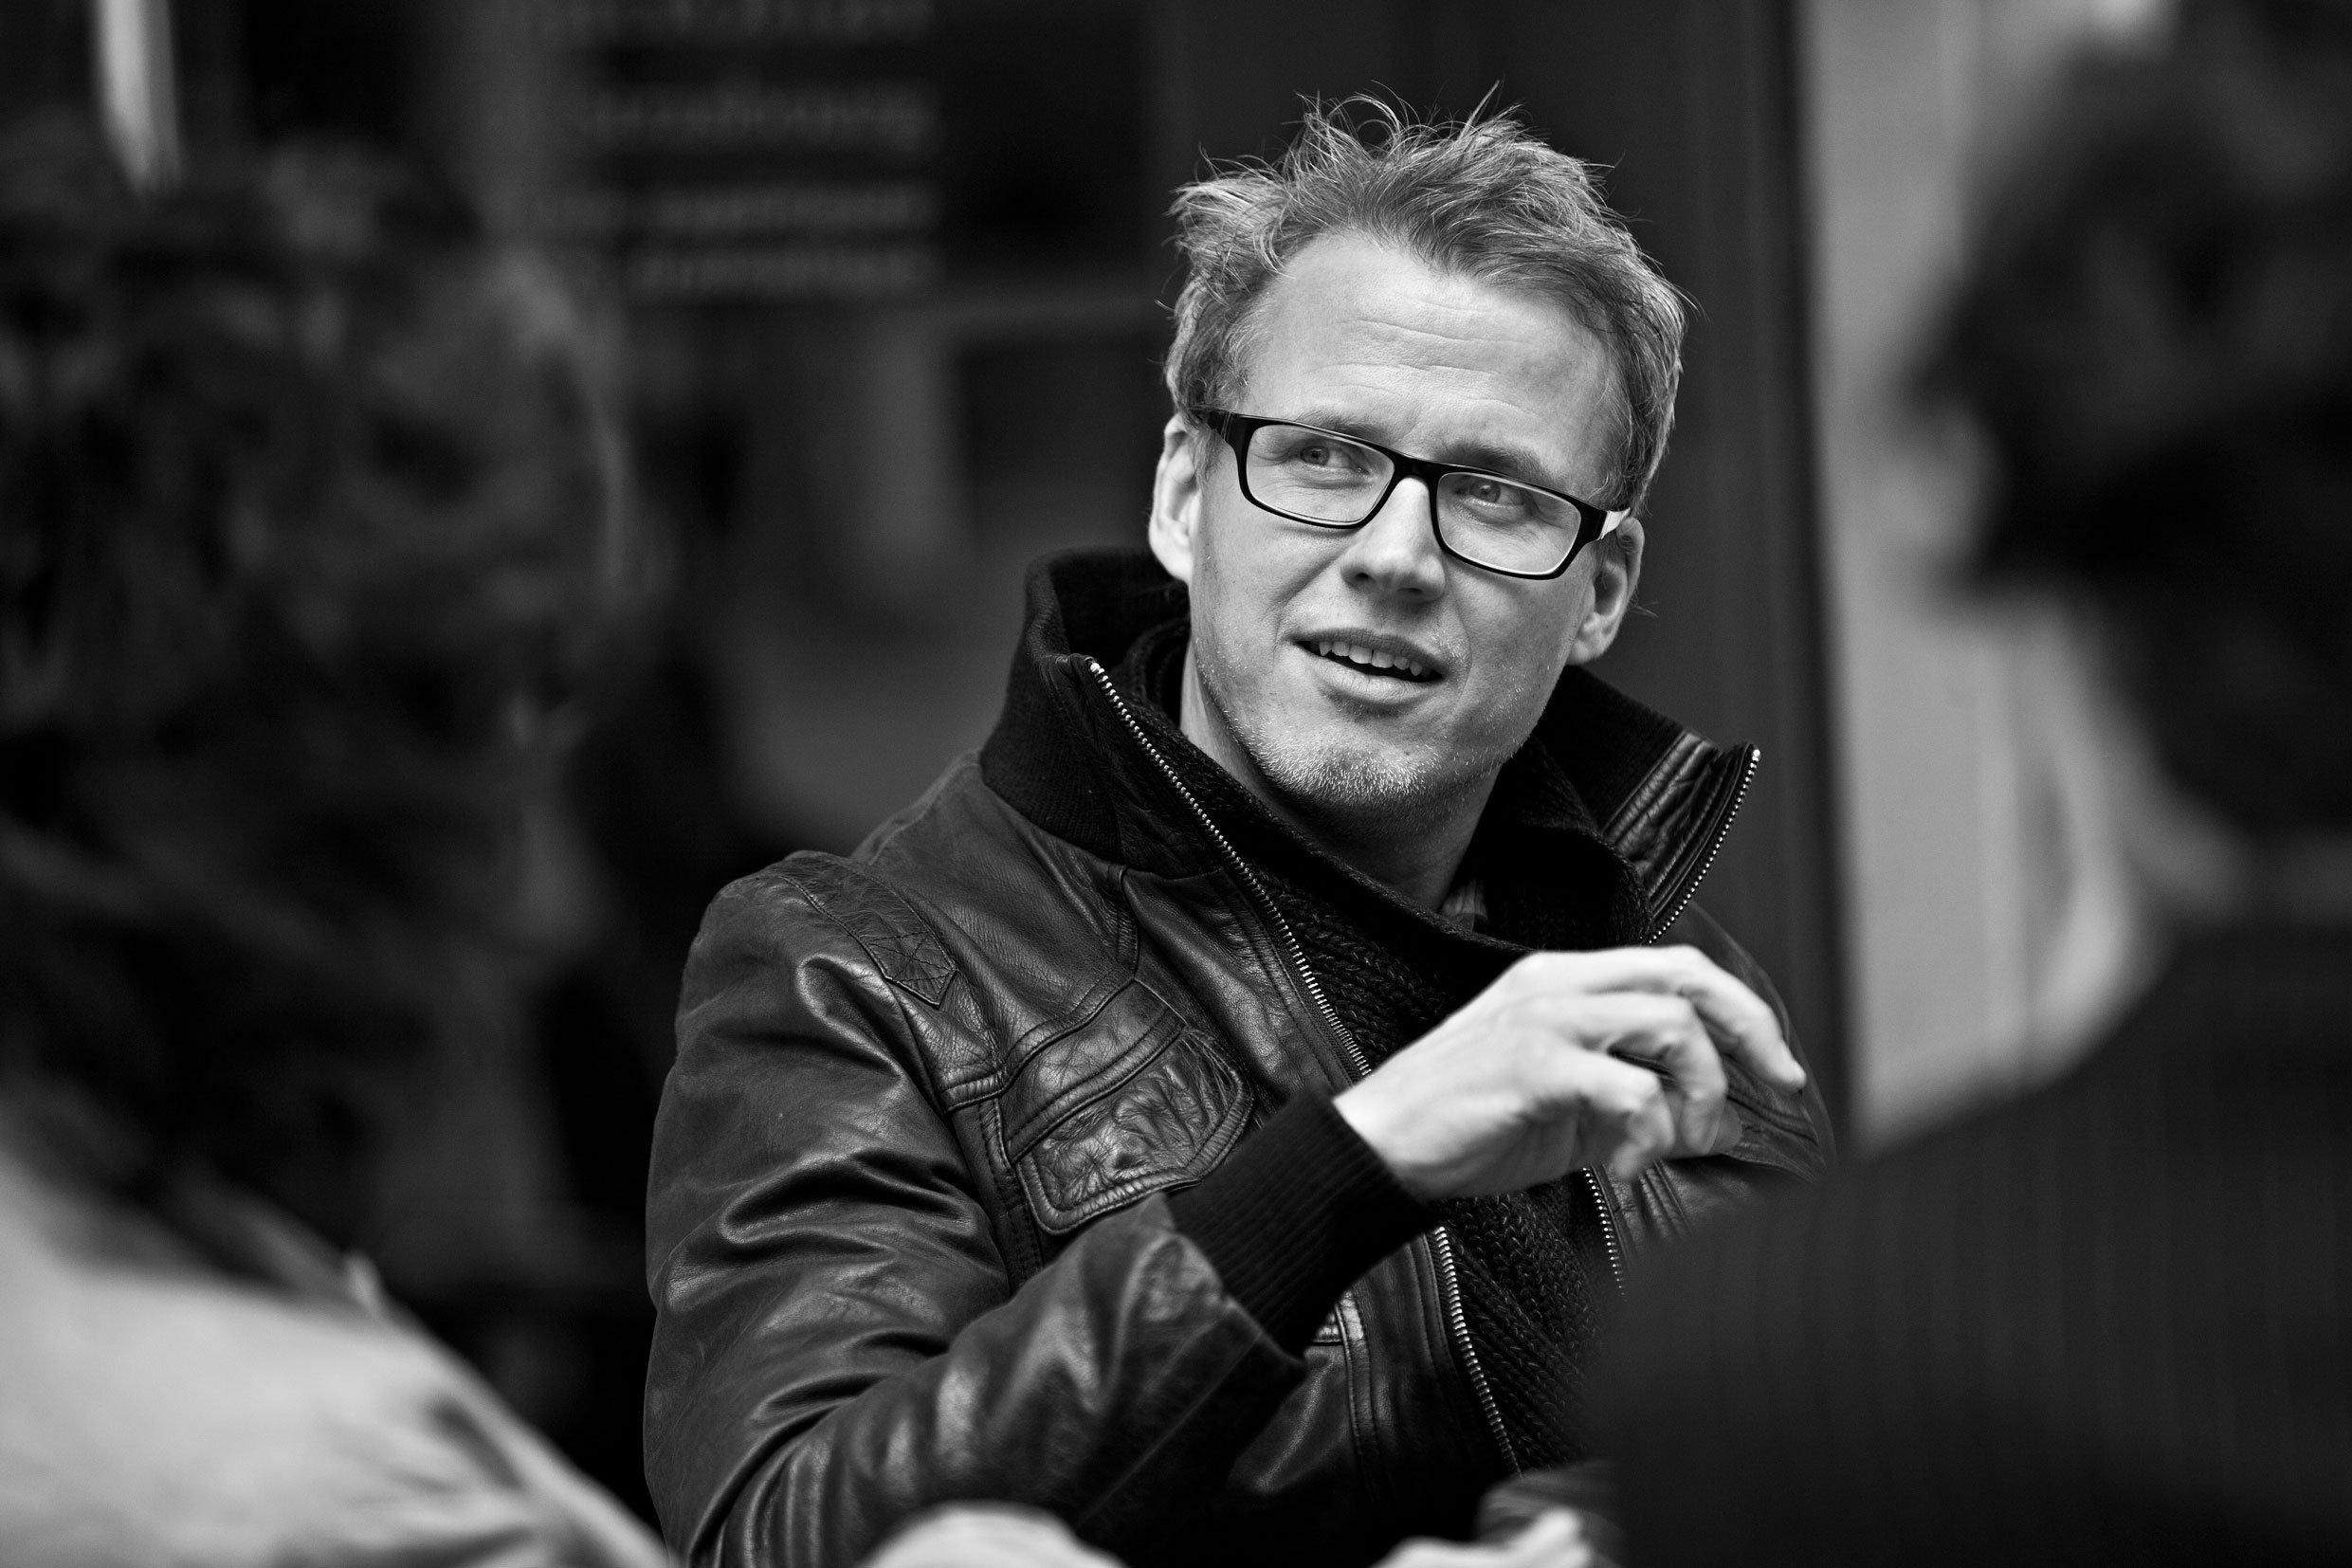 Falk Richter, auteur associé au TNS